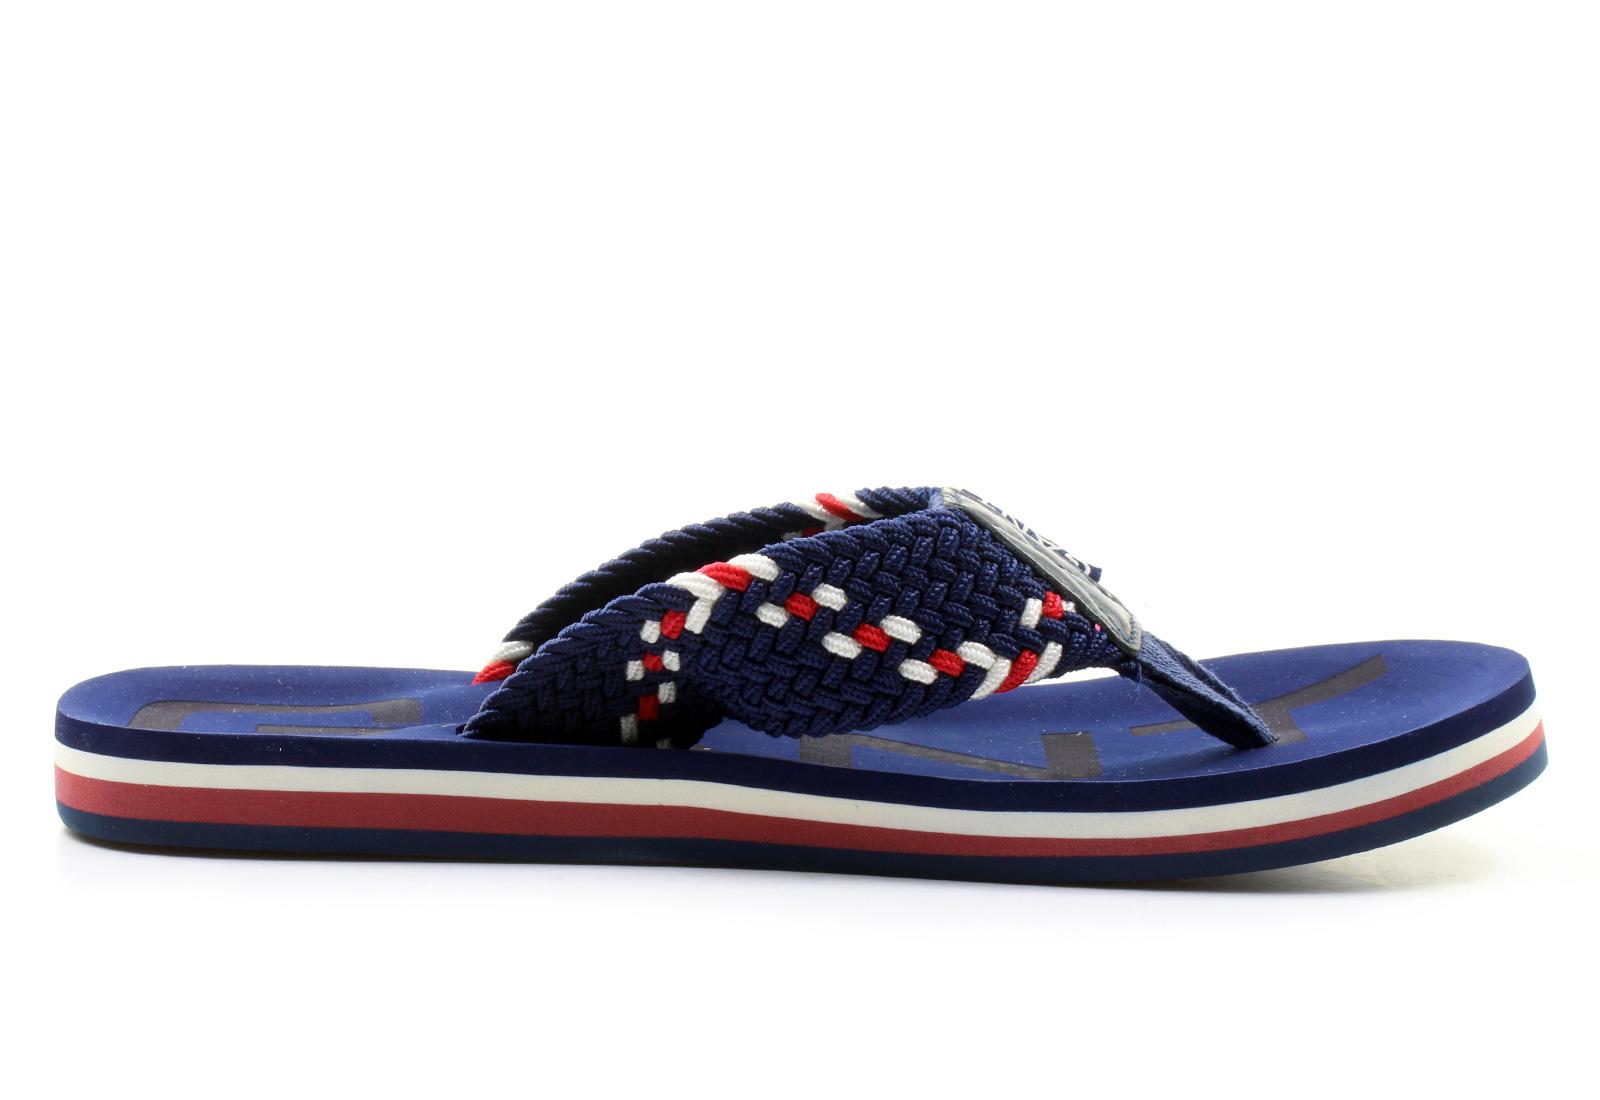 Gant Papucs - Breeze - 10697645-G65 - Office Shoes Magyarország c404976e2f